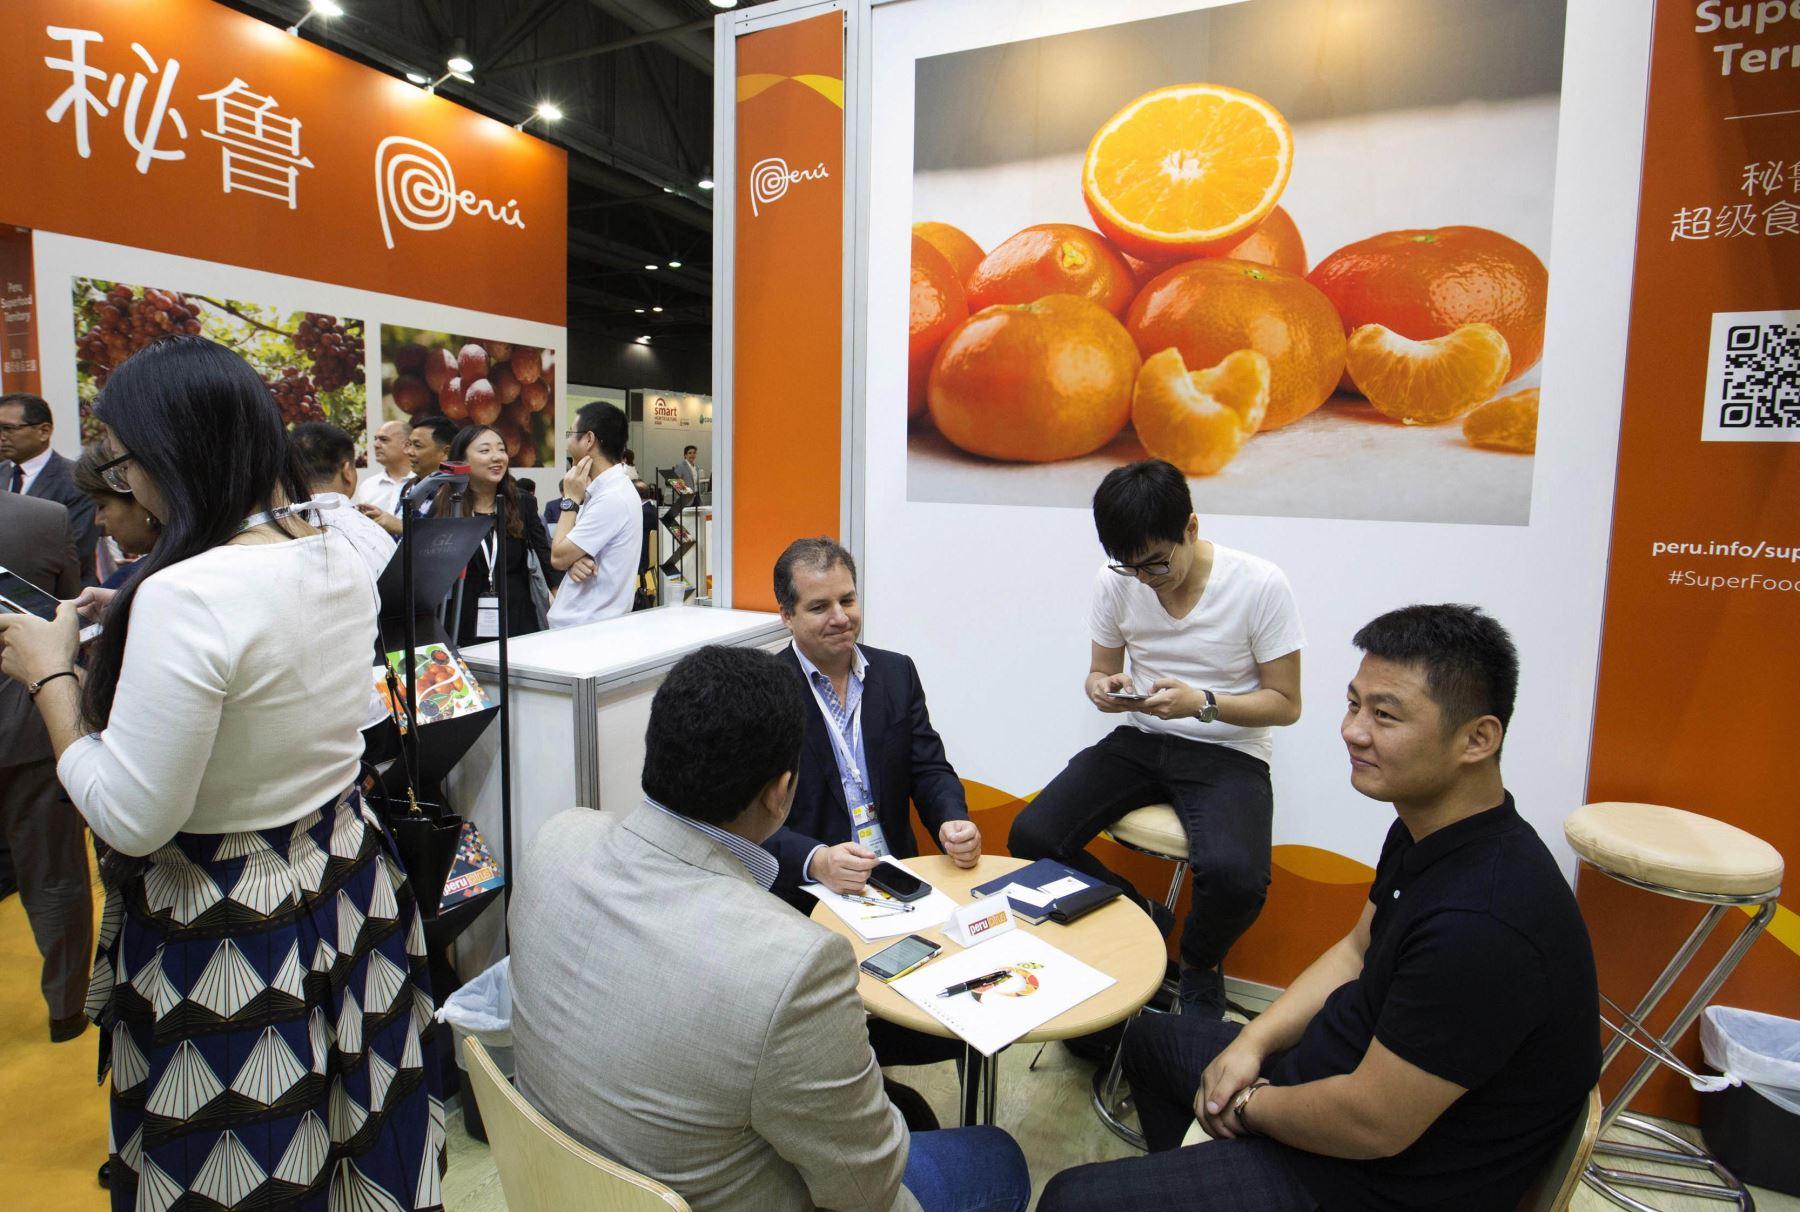 Perú presentó para toda Asia su campaña de Super Foods Perú, durante la inauguración de la feria Asia Fruit Logistica que se celebra en Hong Kong. Foto: EFE